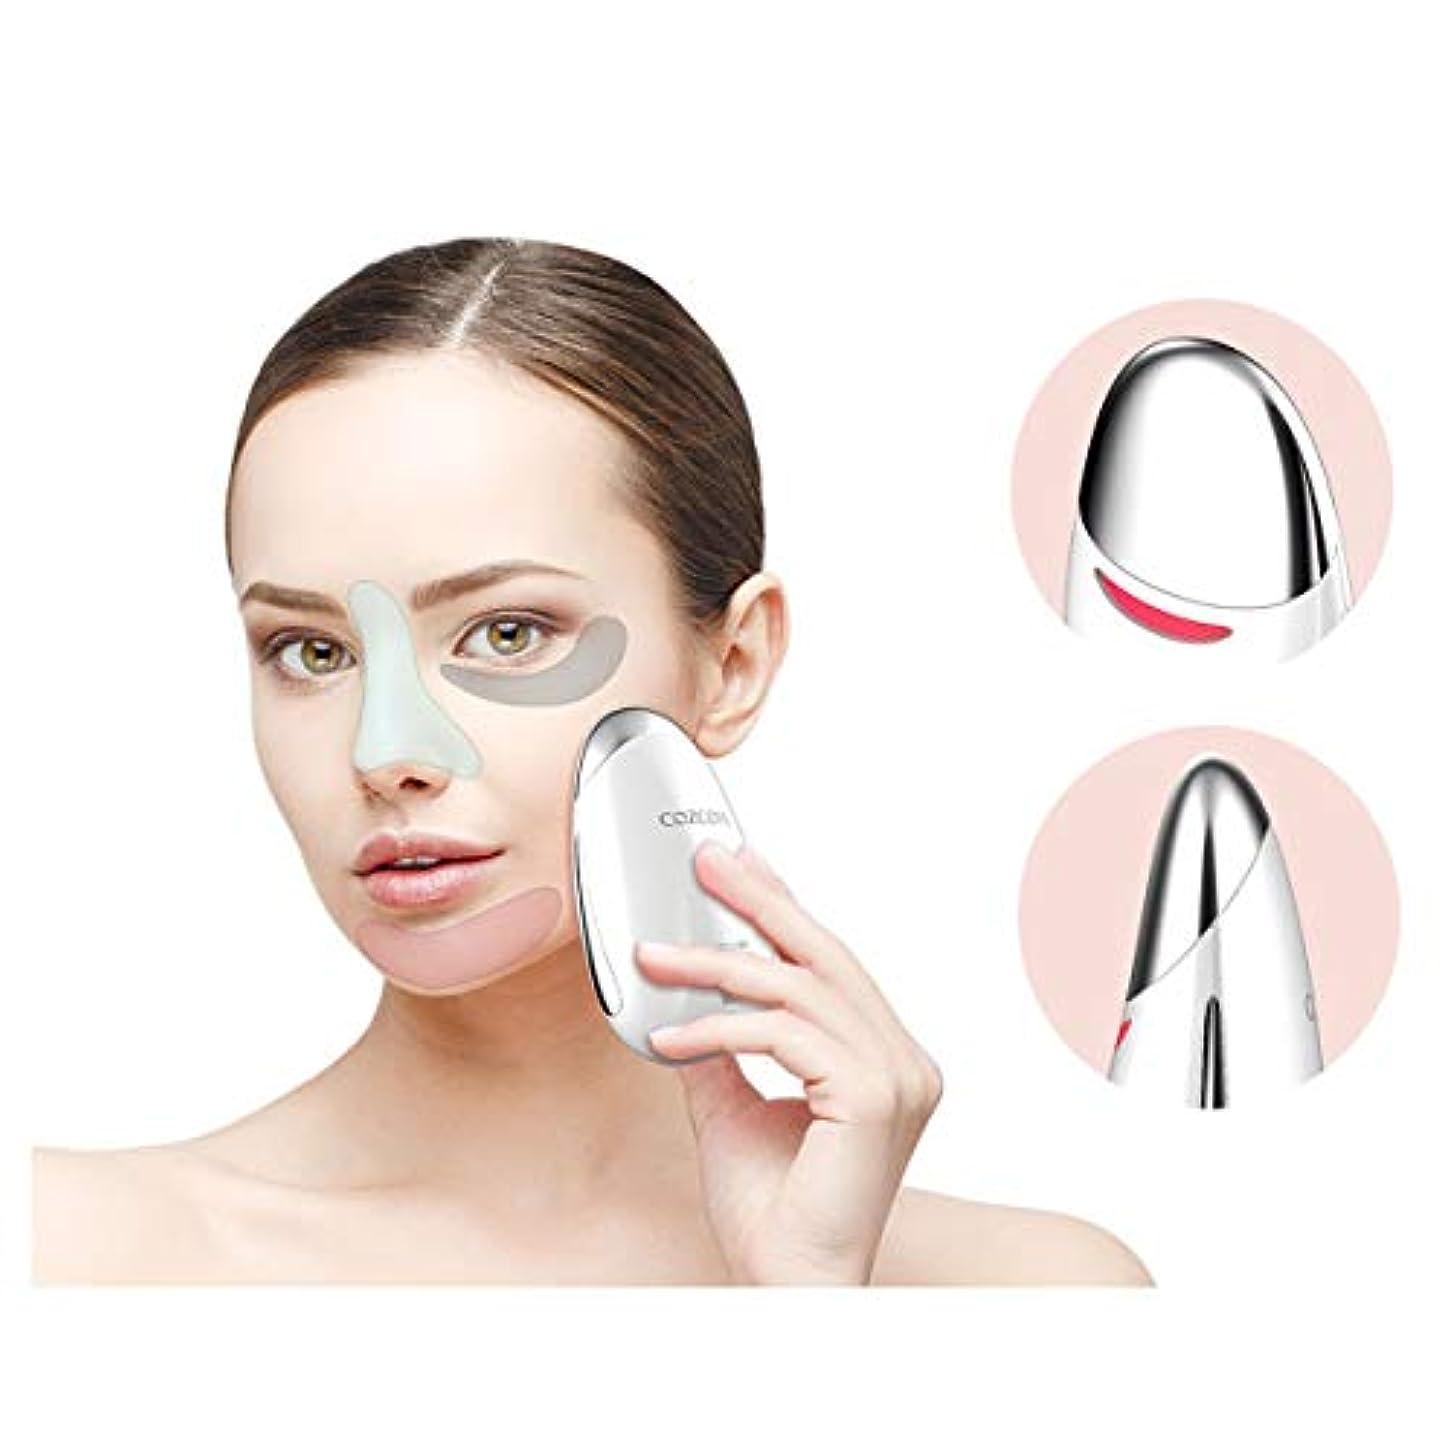 第三欠陥確保するCozcore ECLORE ガルバニックサーマルフェイスマッサージャーマッサージ Galvanic Thermal Face Massager Massage